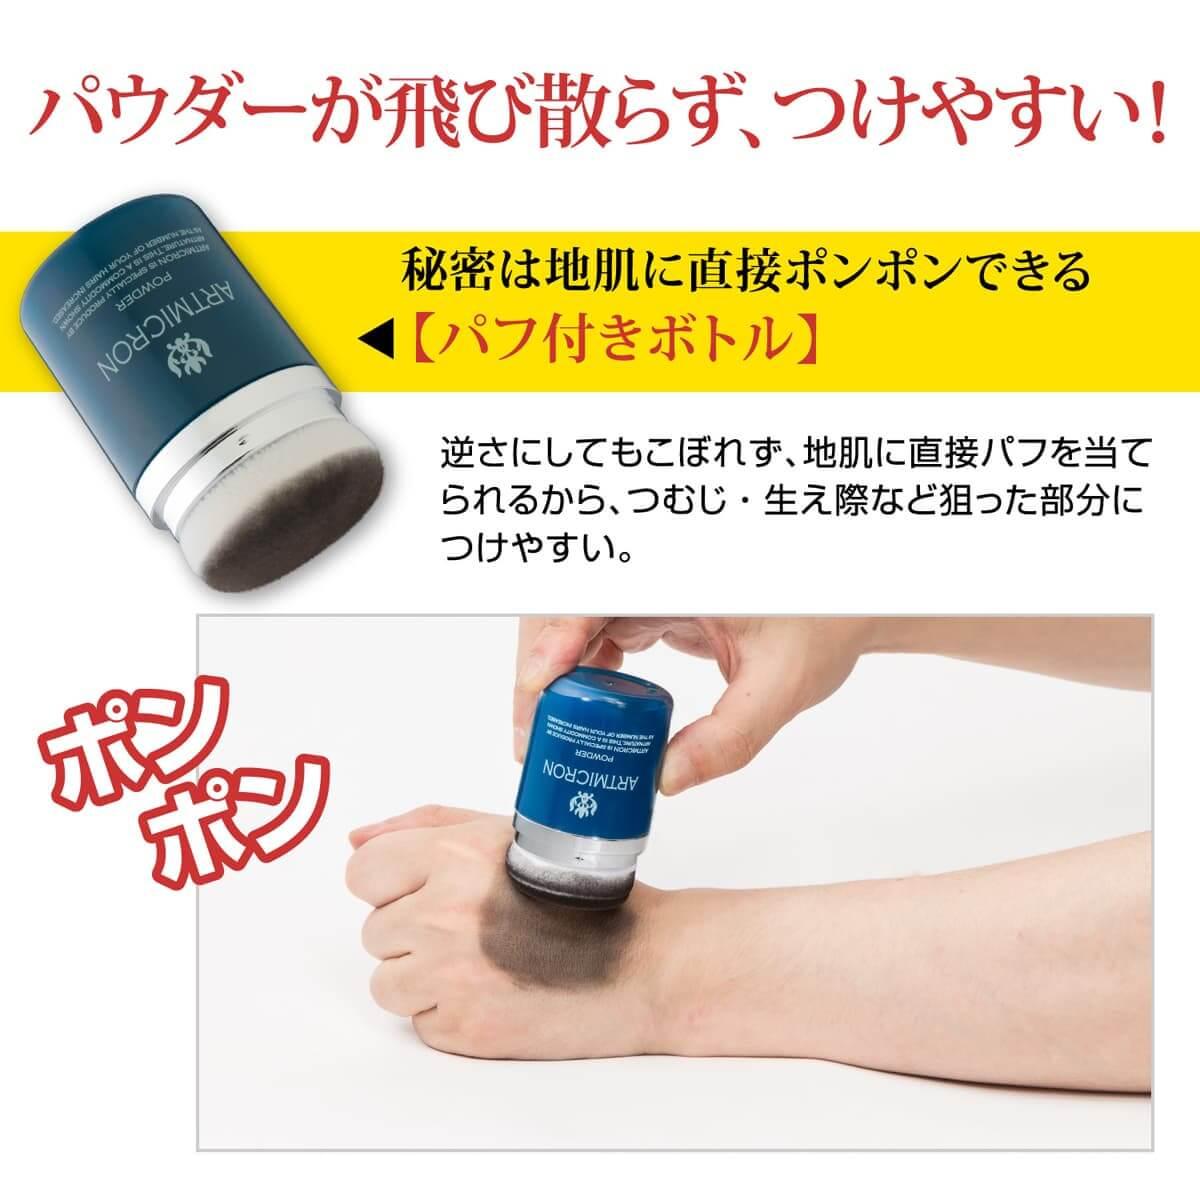 アートミクロン パウダー(20g) 【2個まとめ買い】